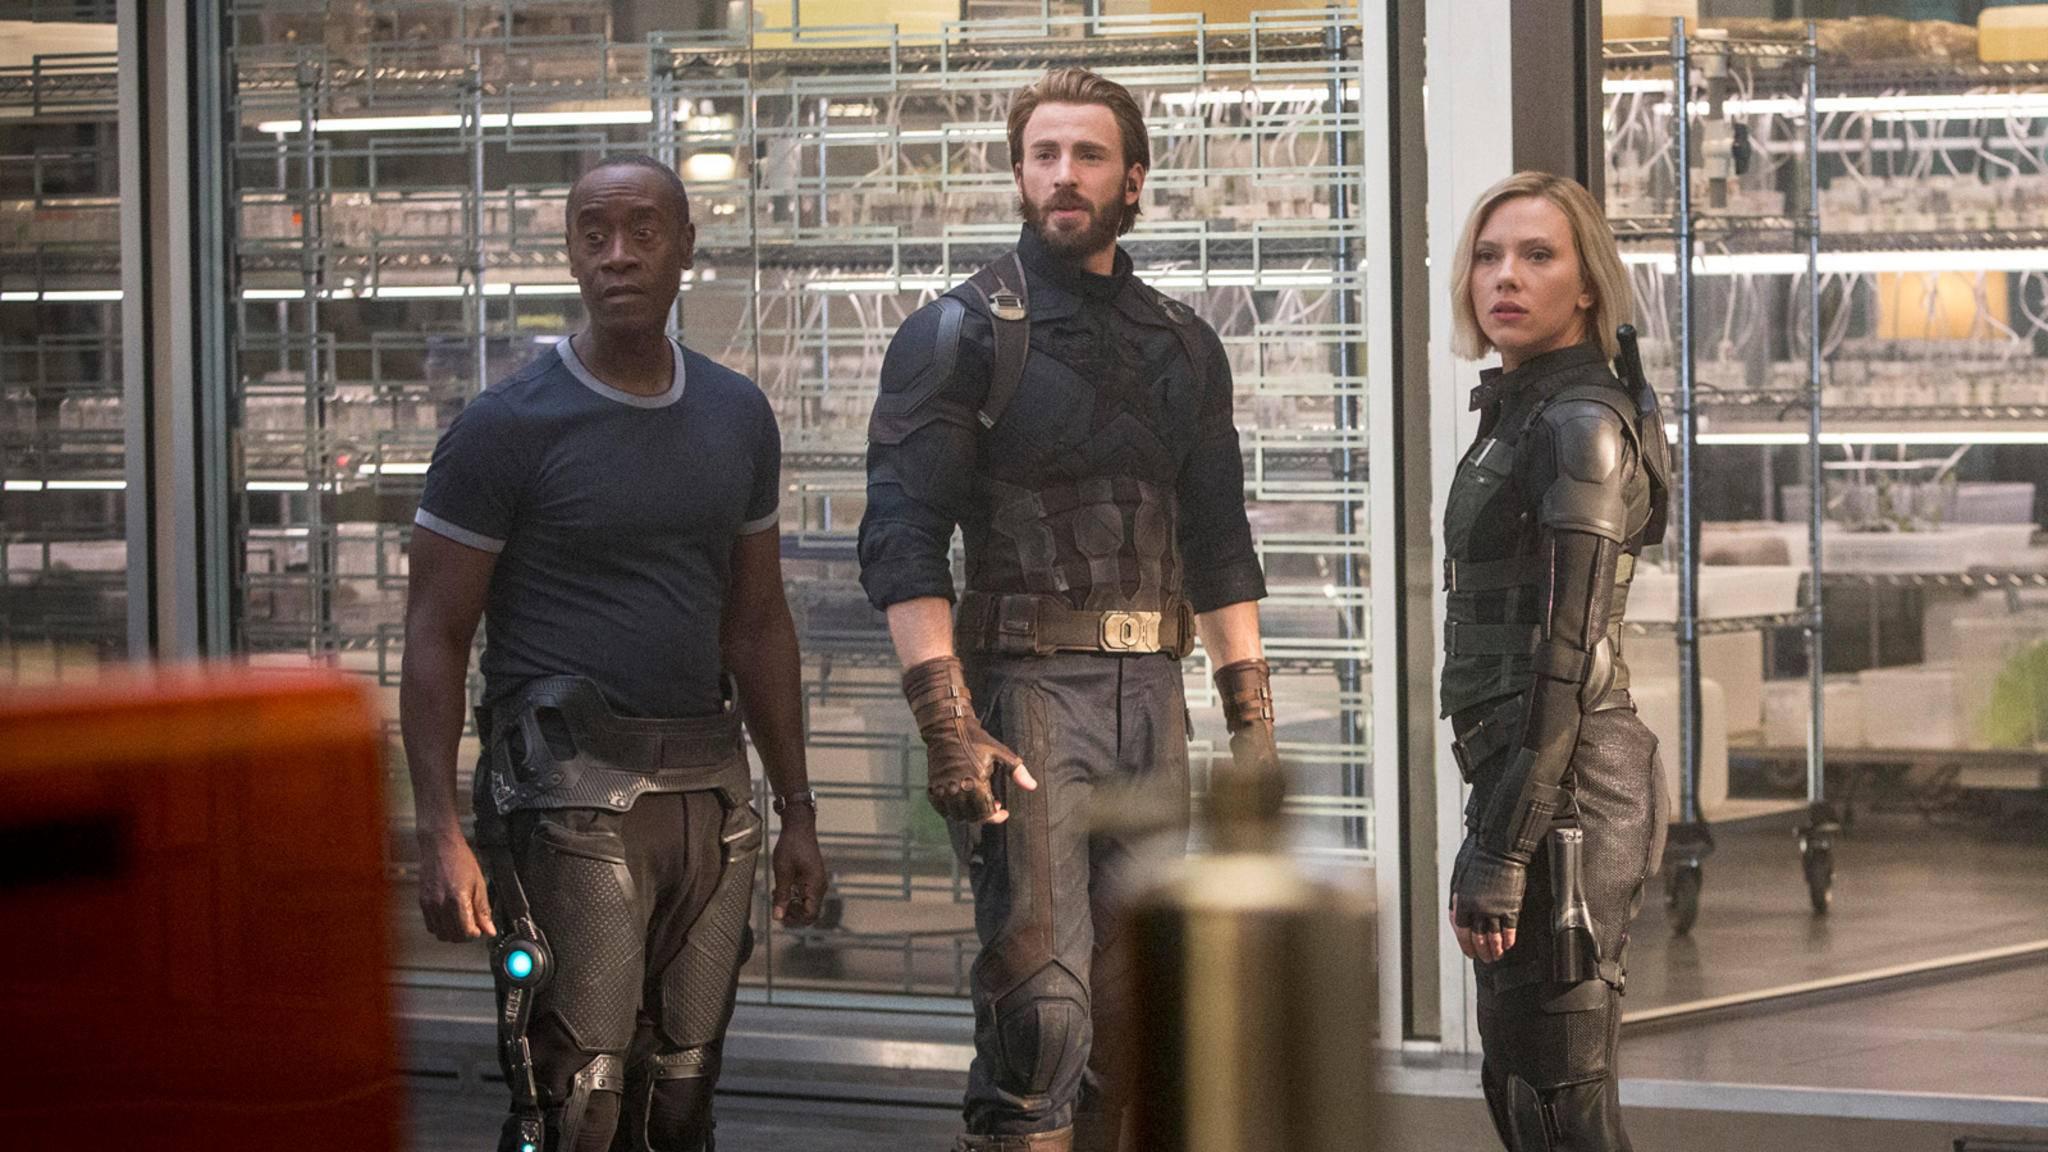 Mit War Machine (hier links im Bild) verbindet Carol Danvers eine tragische Beziehung ...